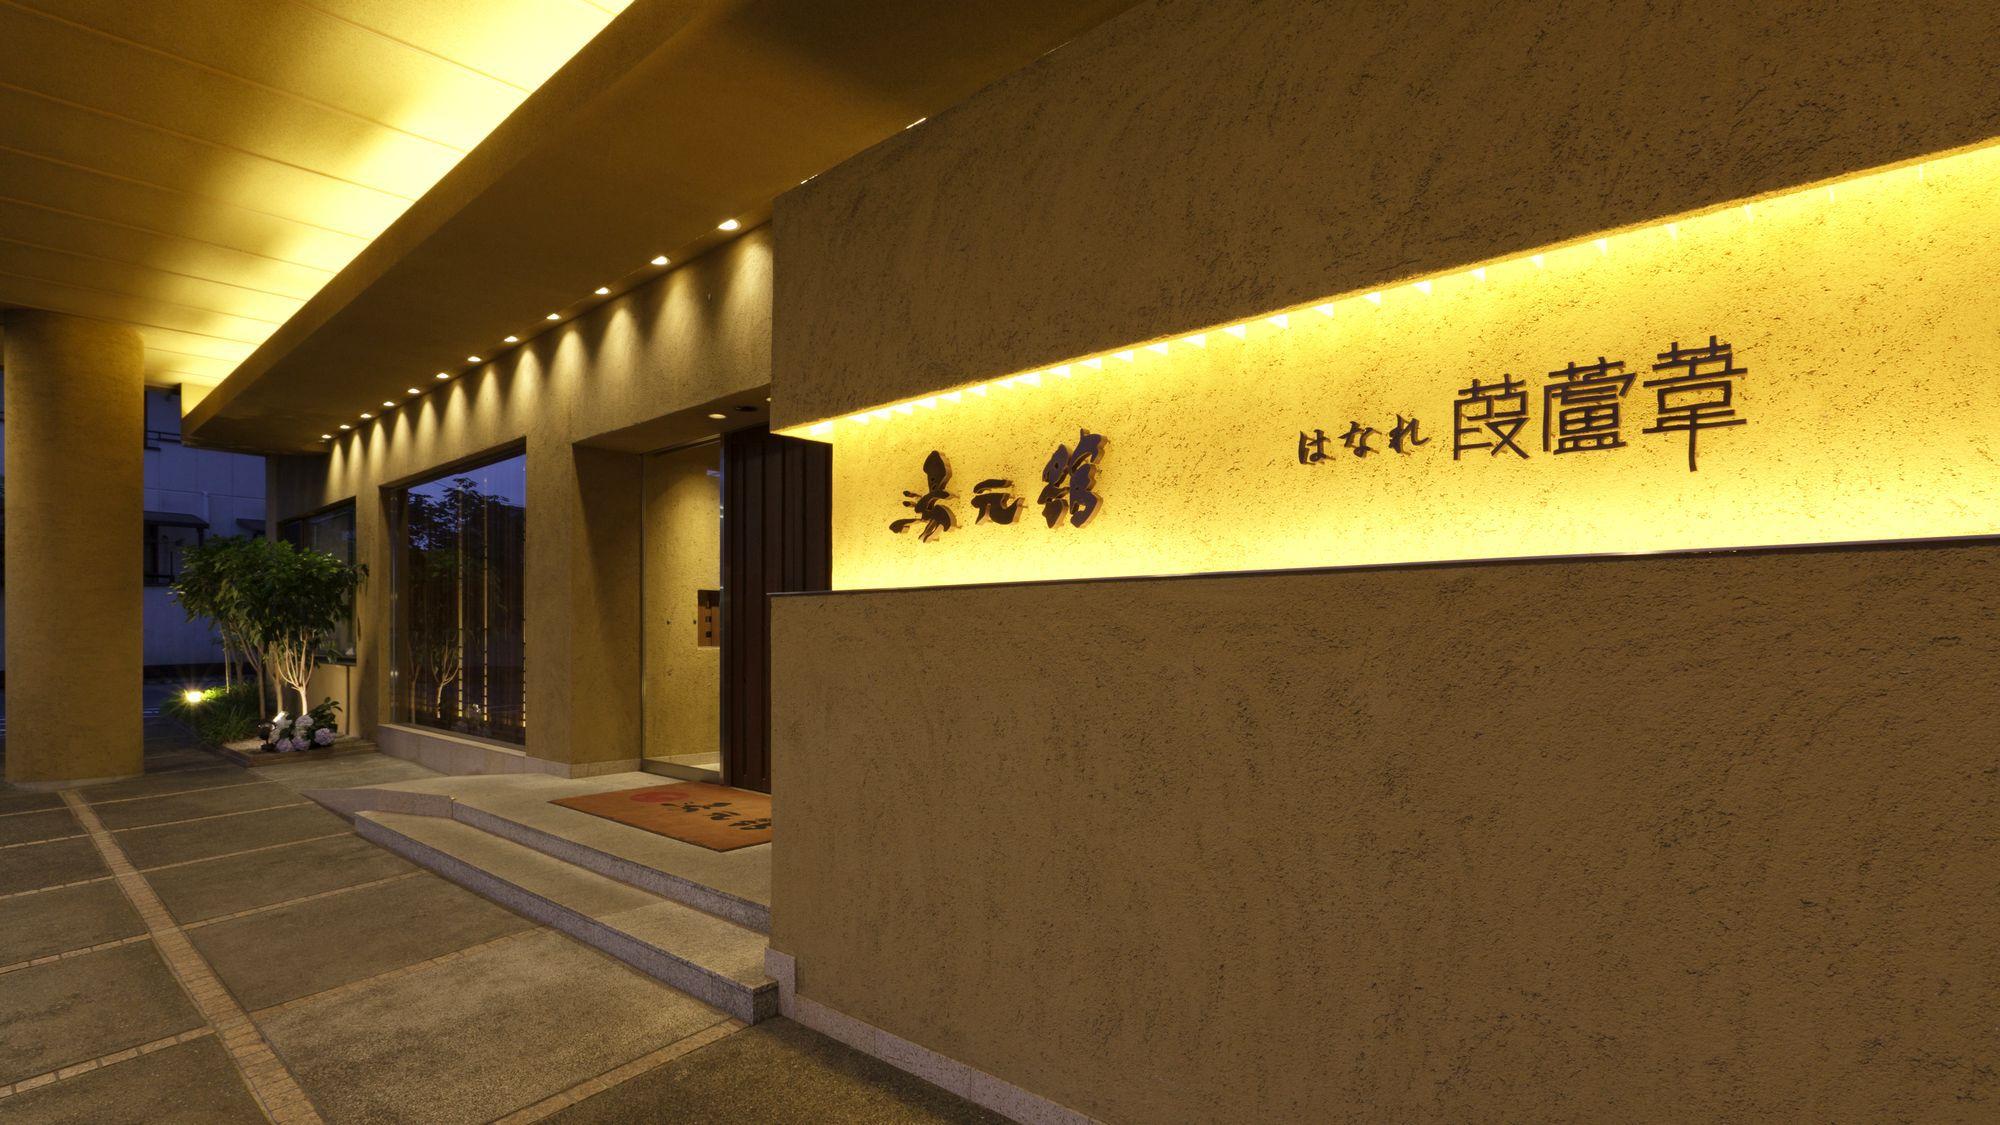 大阪市内から電車で2時間以内で行ける温泉宿